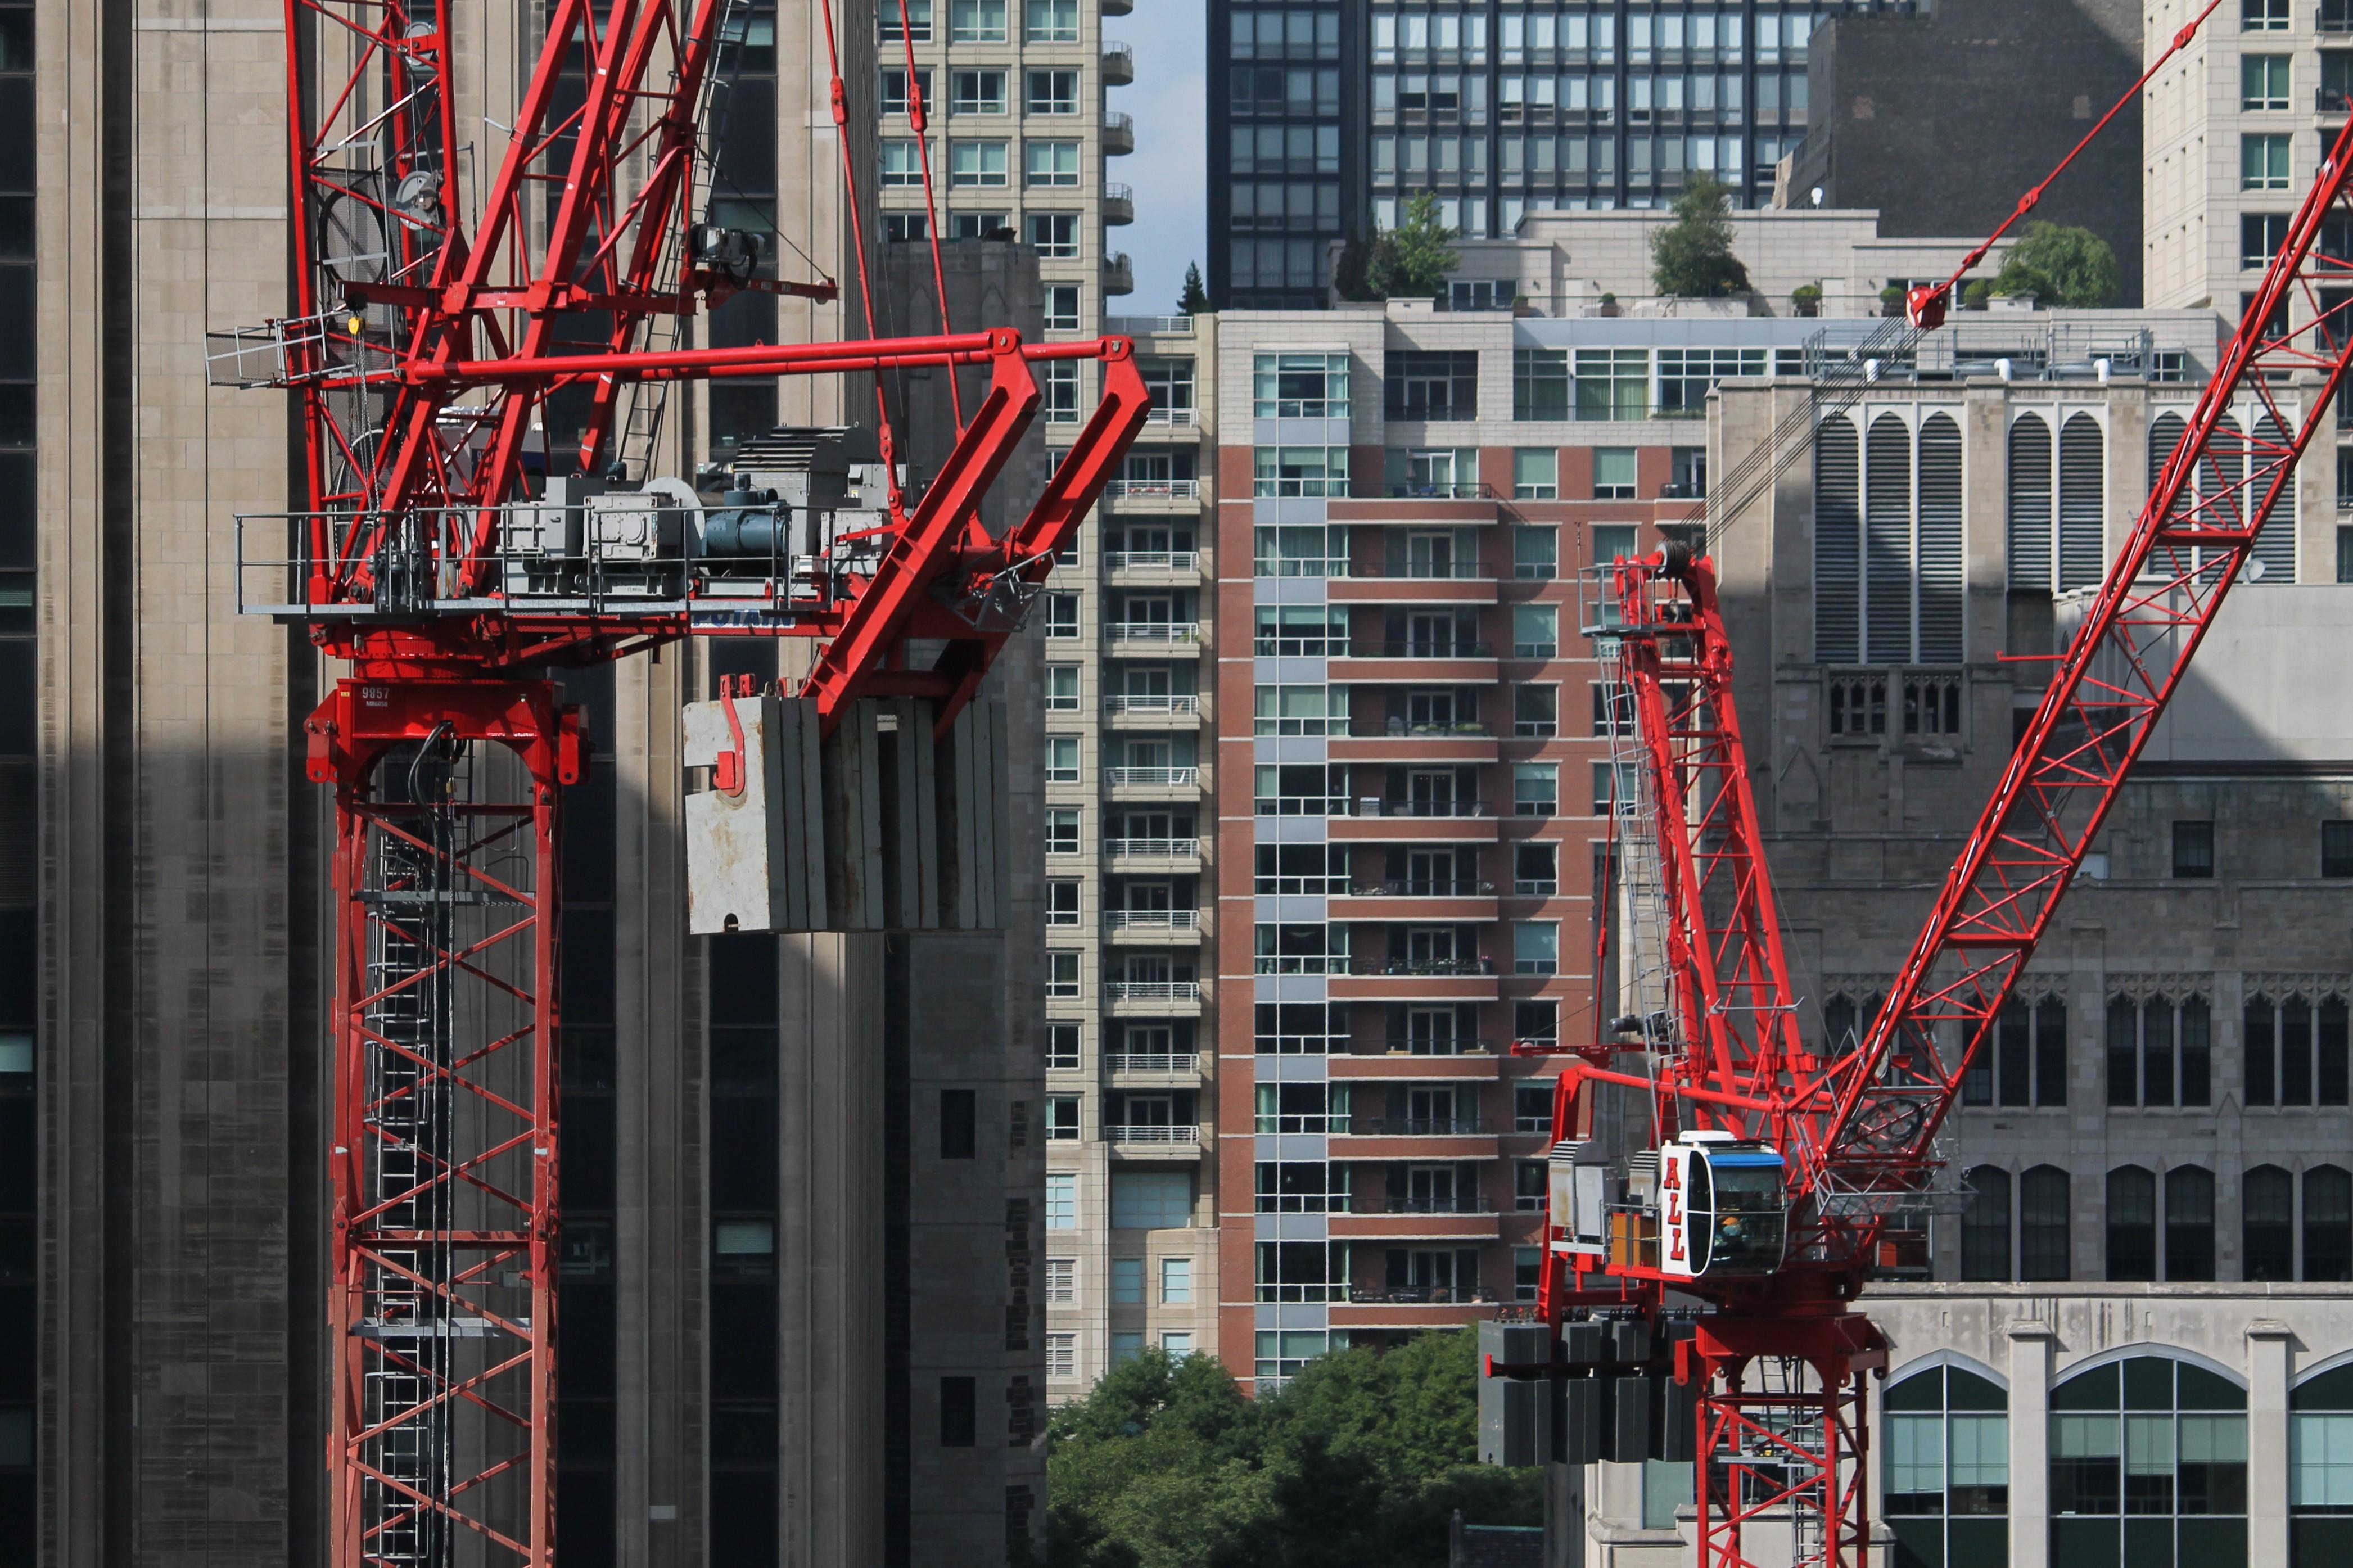 Simpson Querrey tower cranes